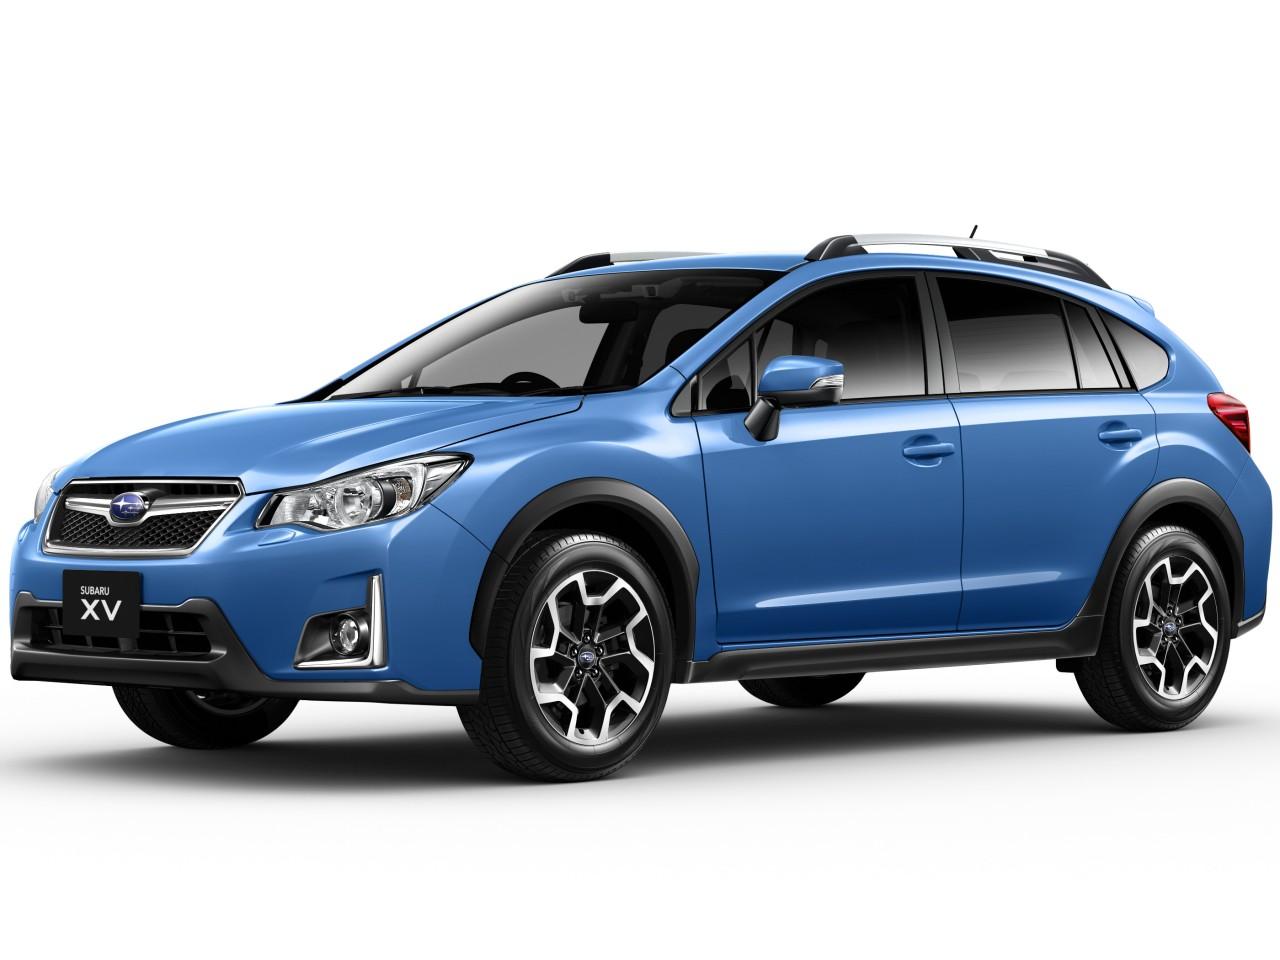 スバル スバル XV 2012年モデル 新車画像